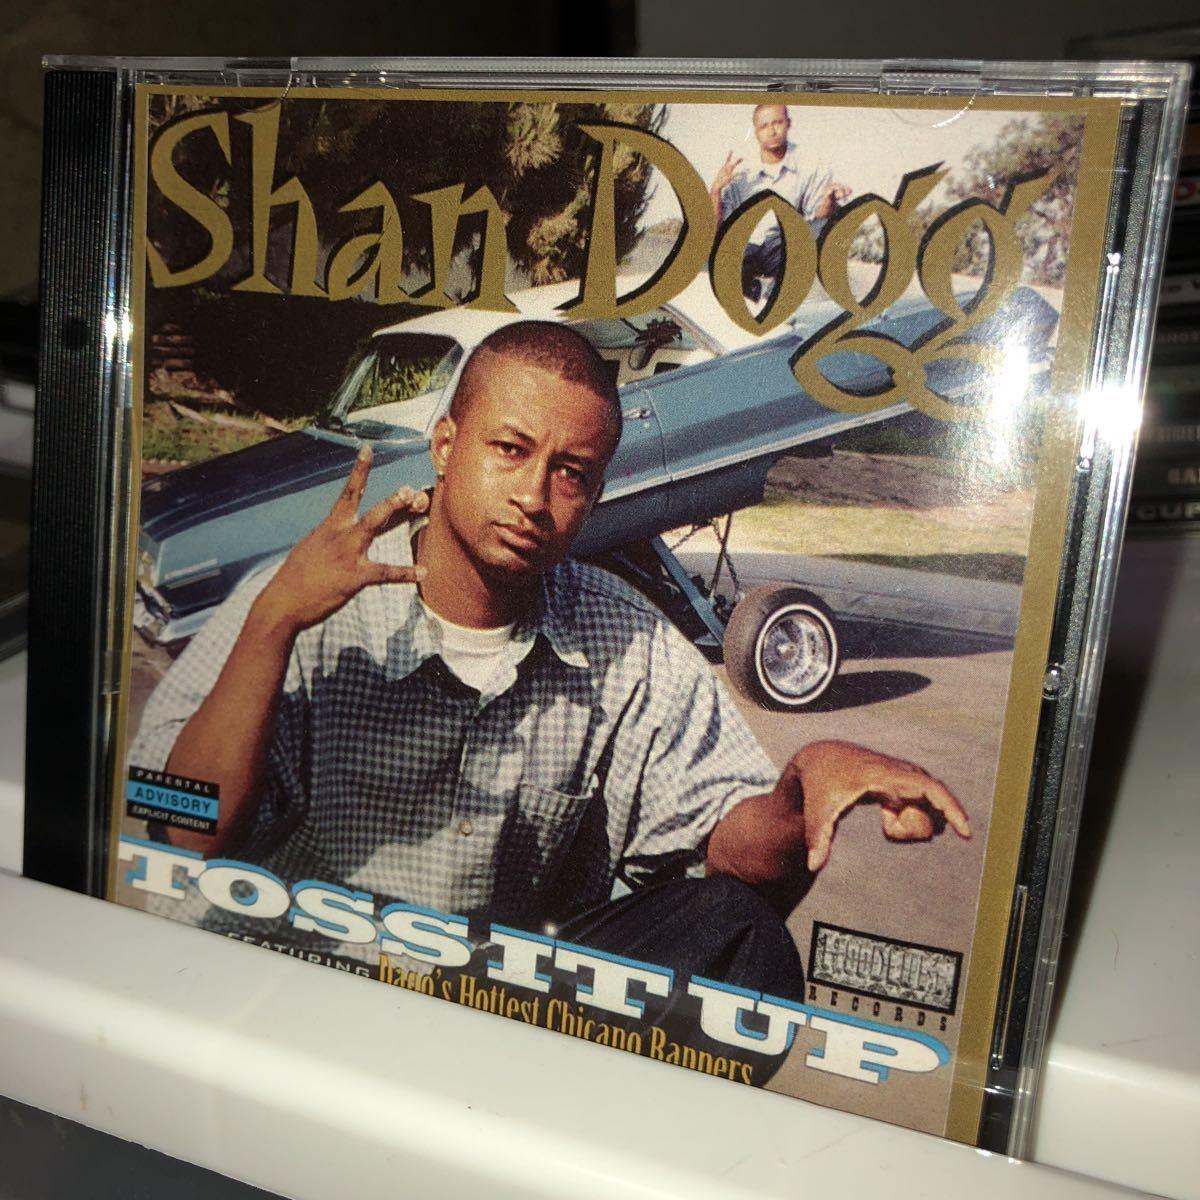 Shan Dogg「Toss It Up」g-rap g-funk gangsta